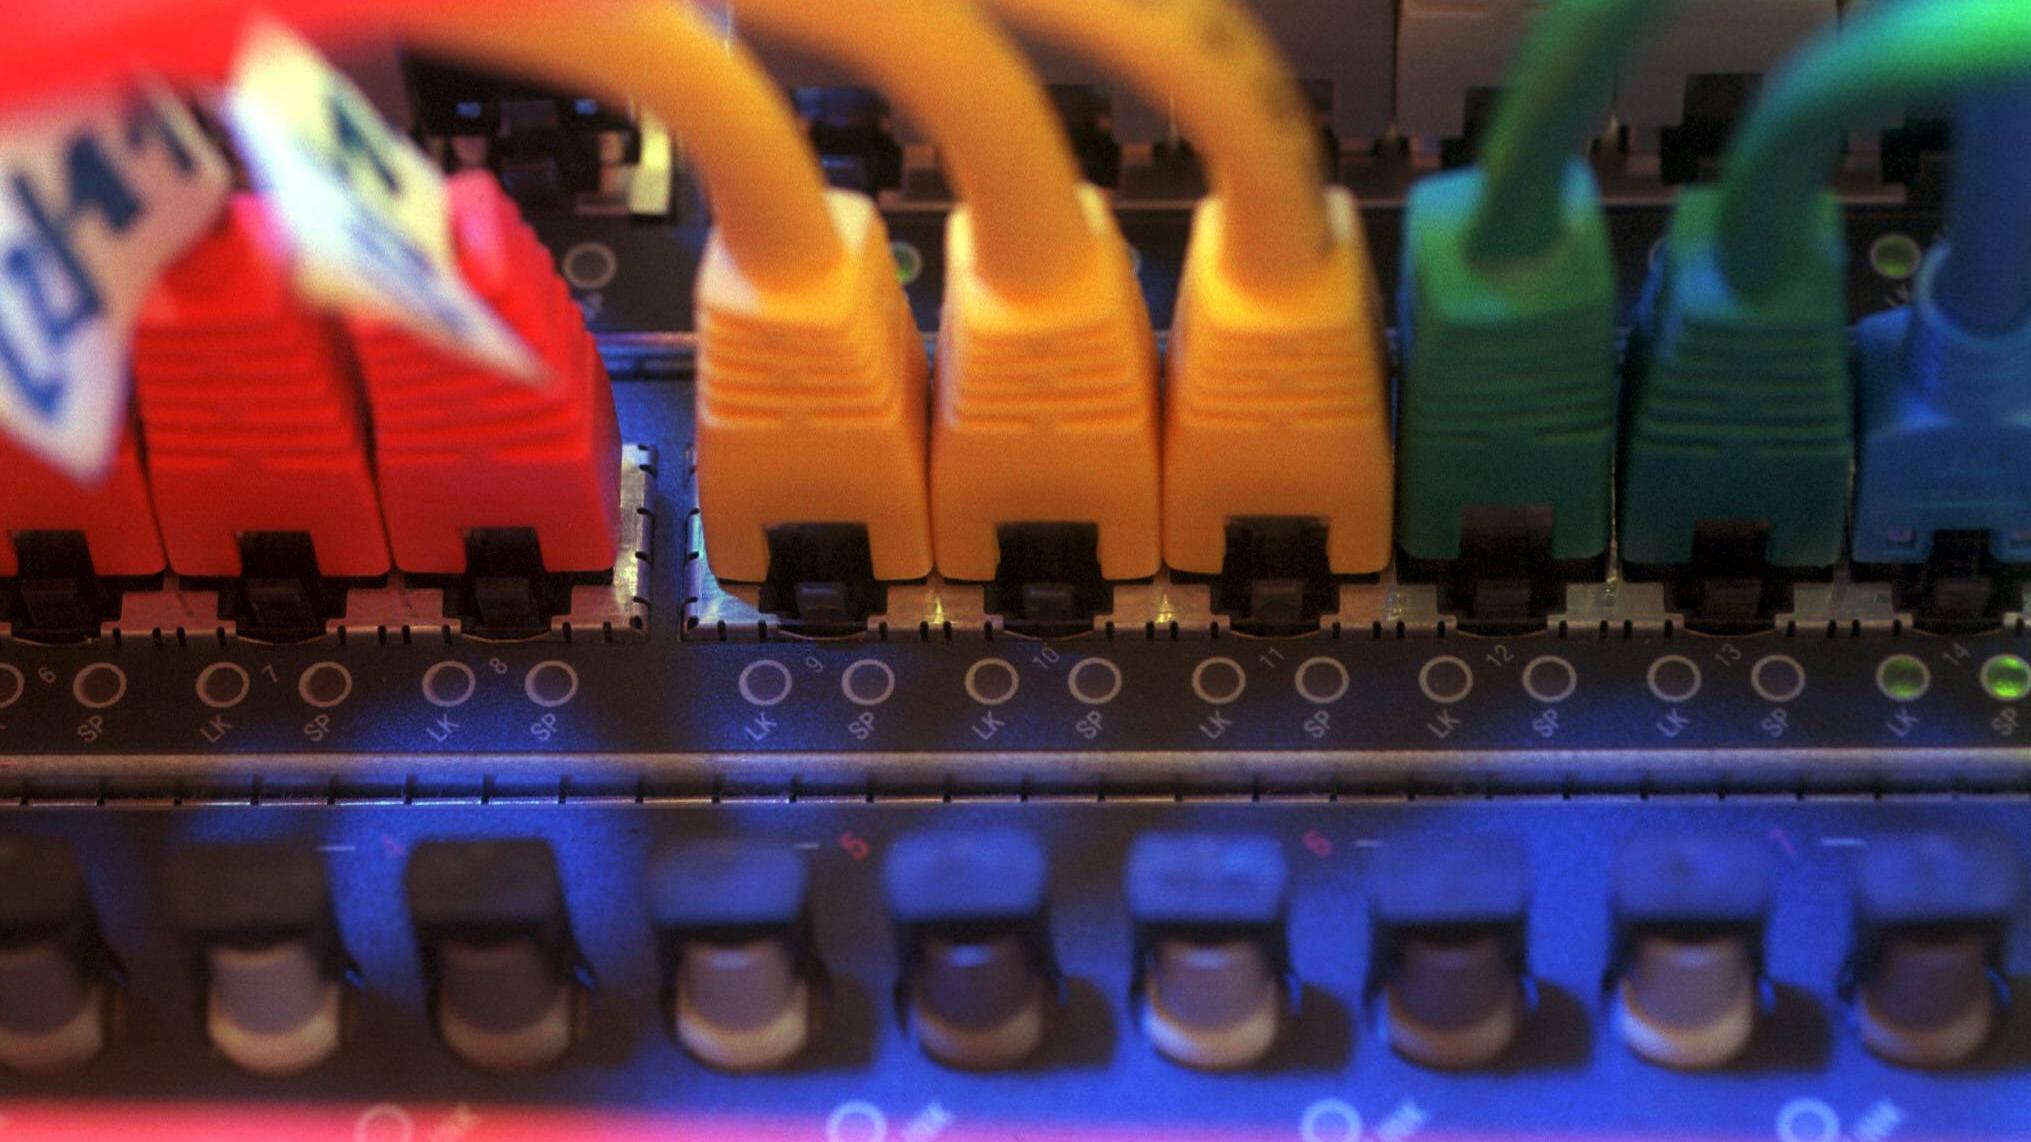 Daten von PC zu PC übertragen - so klappt es am besten